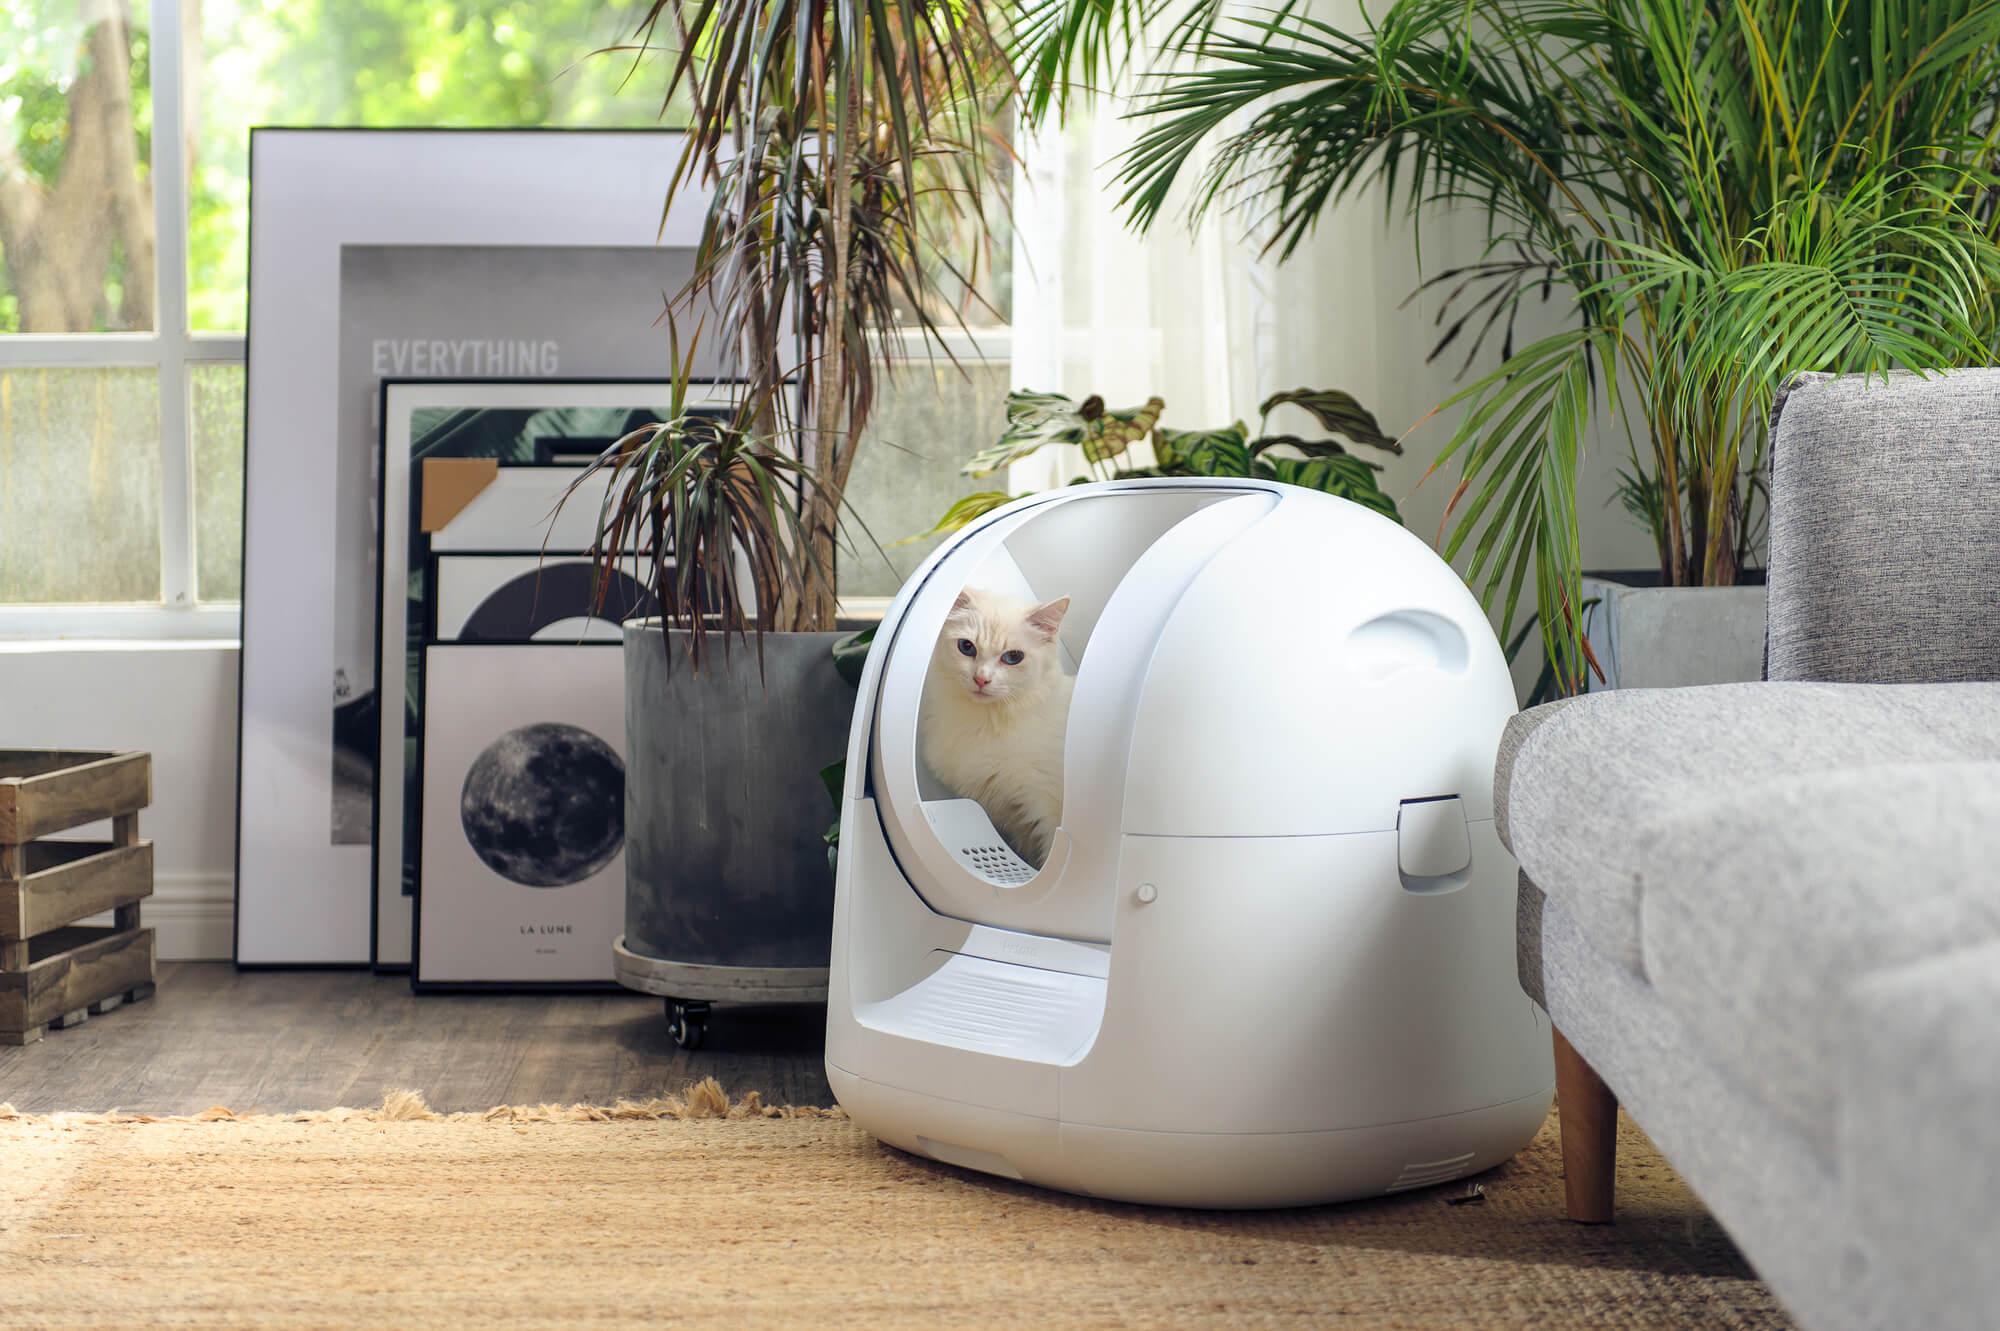 トイレ 自動 猫 Makuake いつものトイレで猫様の体重と尿量・回数を自動で記録するCatlog Board マクアケ